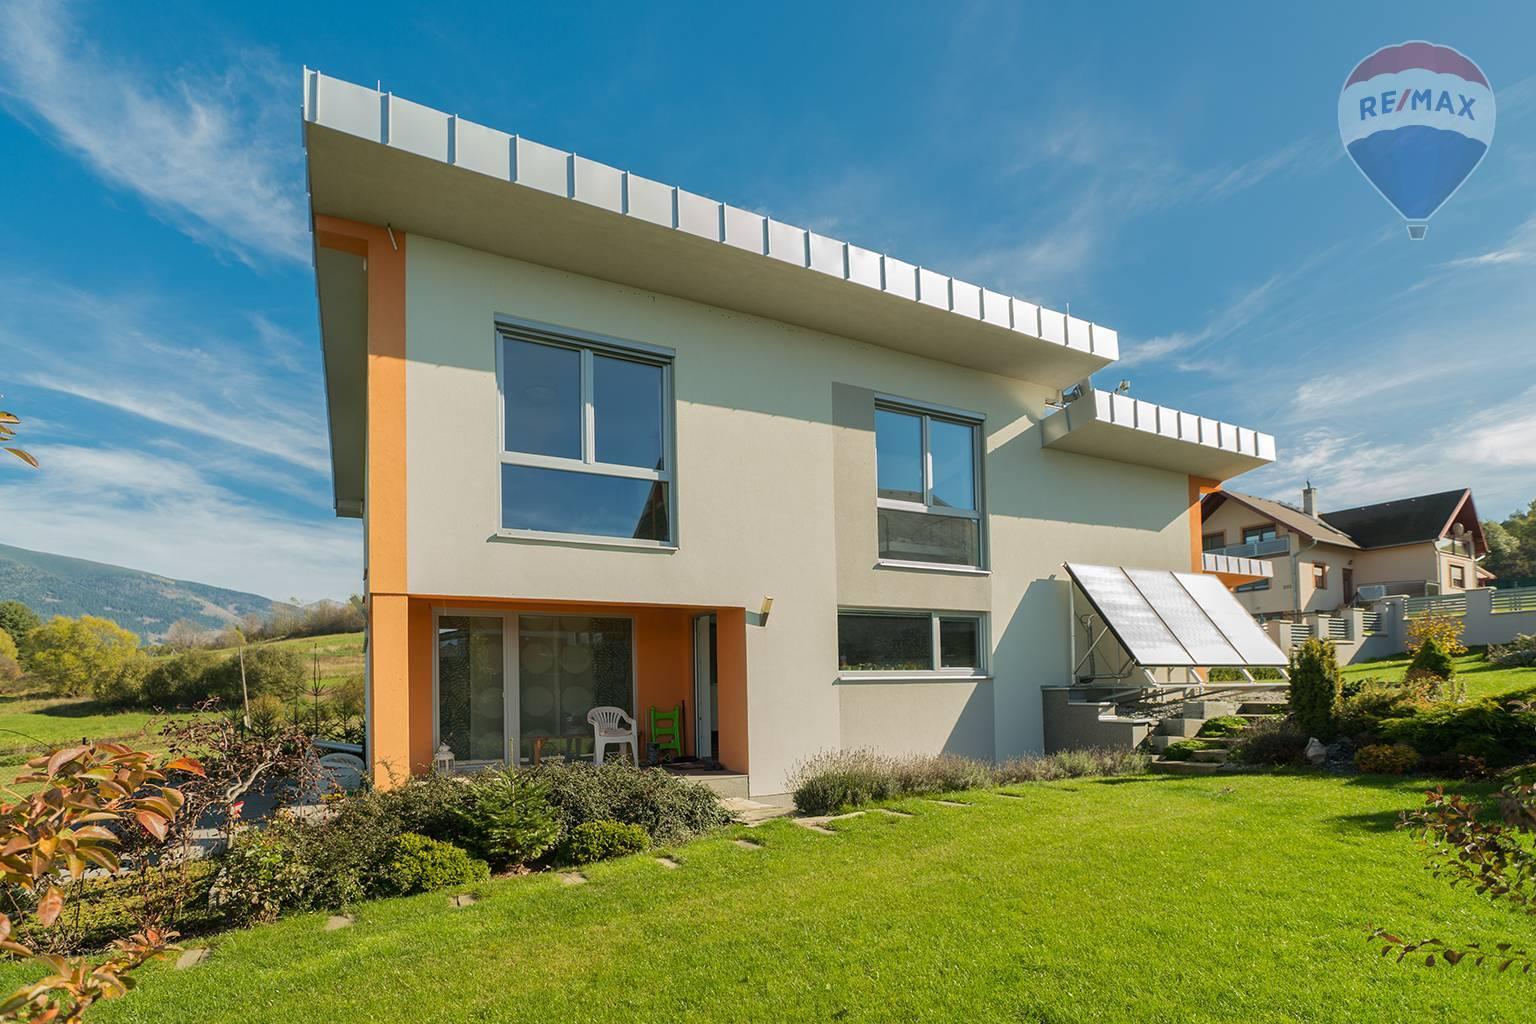 Predám nízkoenergetický dom, Liptovský Ondrej